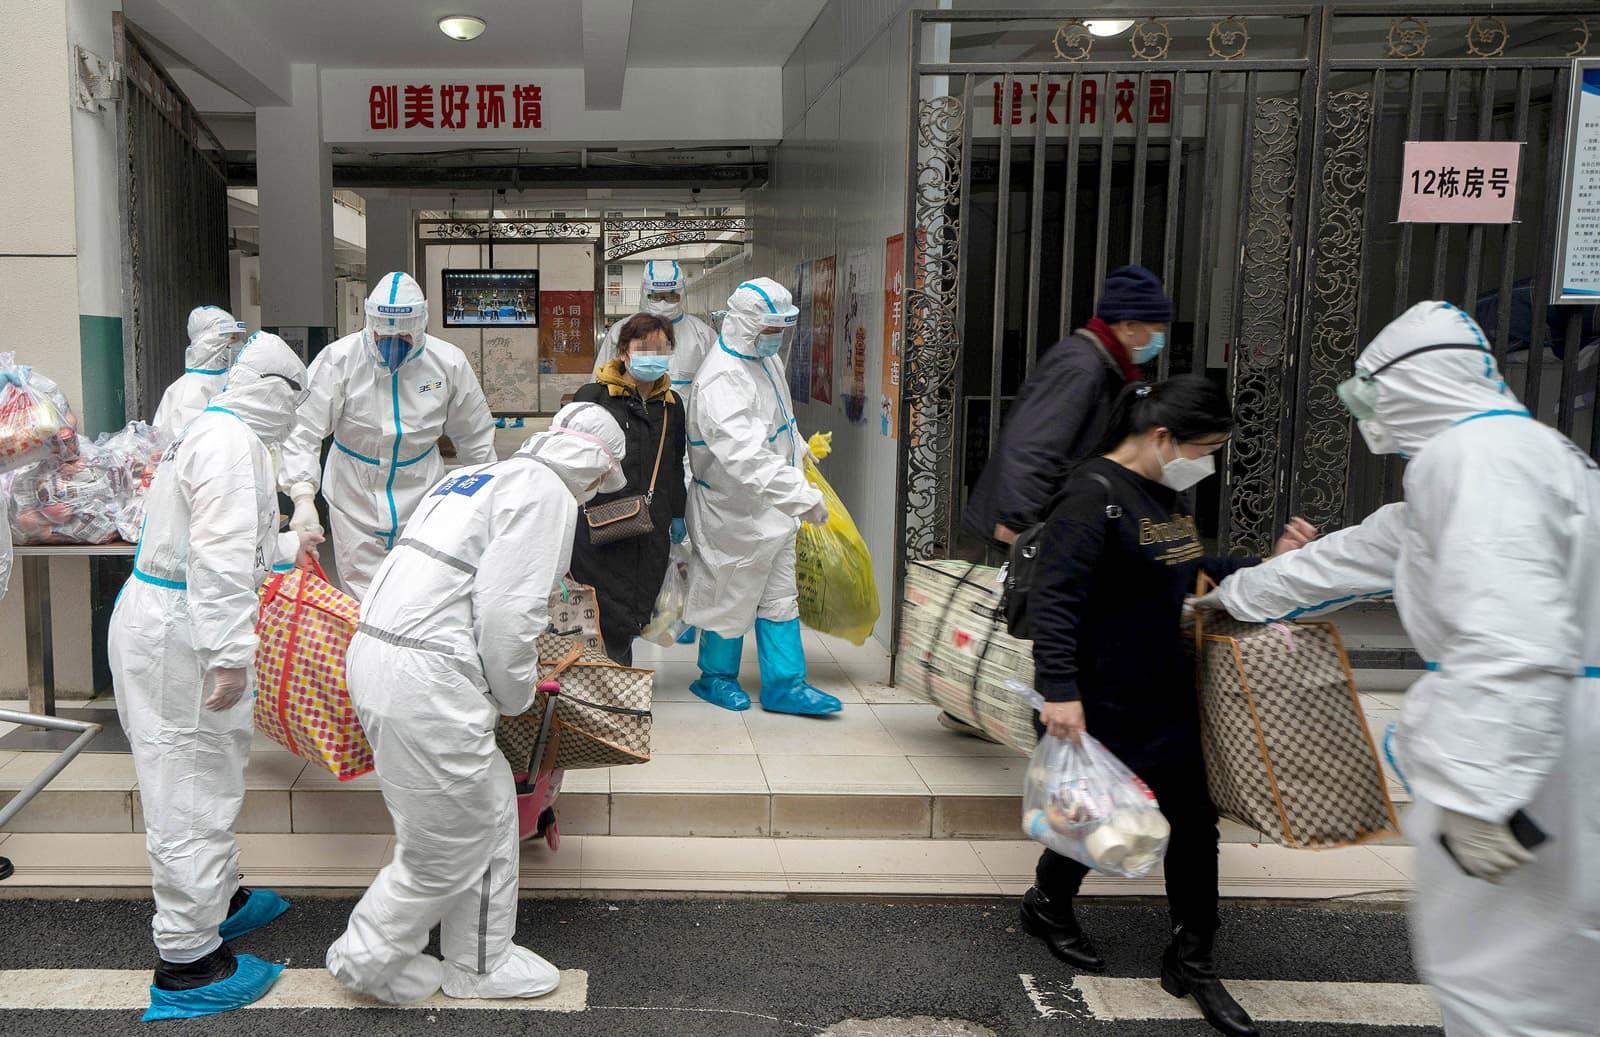 Pacients, que han complert la quarantena, surten del centre d'internament de Wuhan envoltats de grans mesures sanitàries, avui. Fotografia de Fei Maohua/Imago images